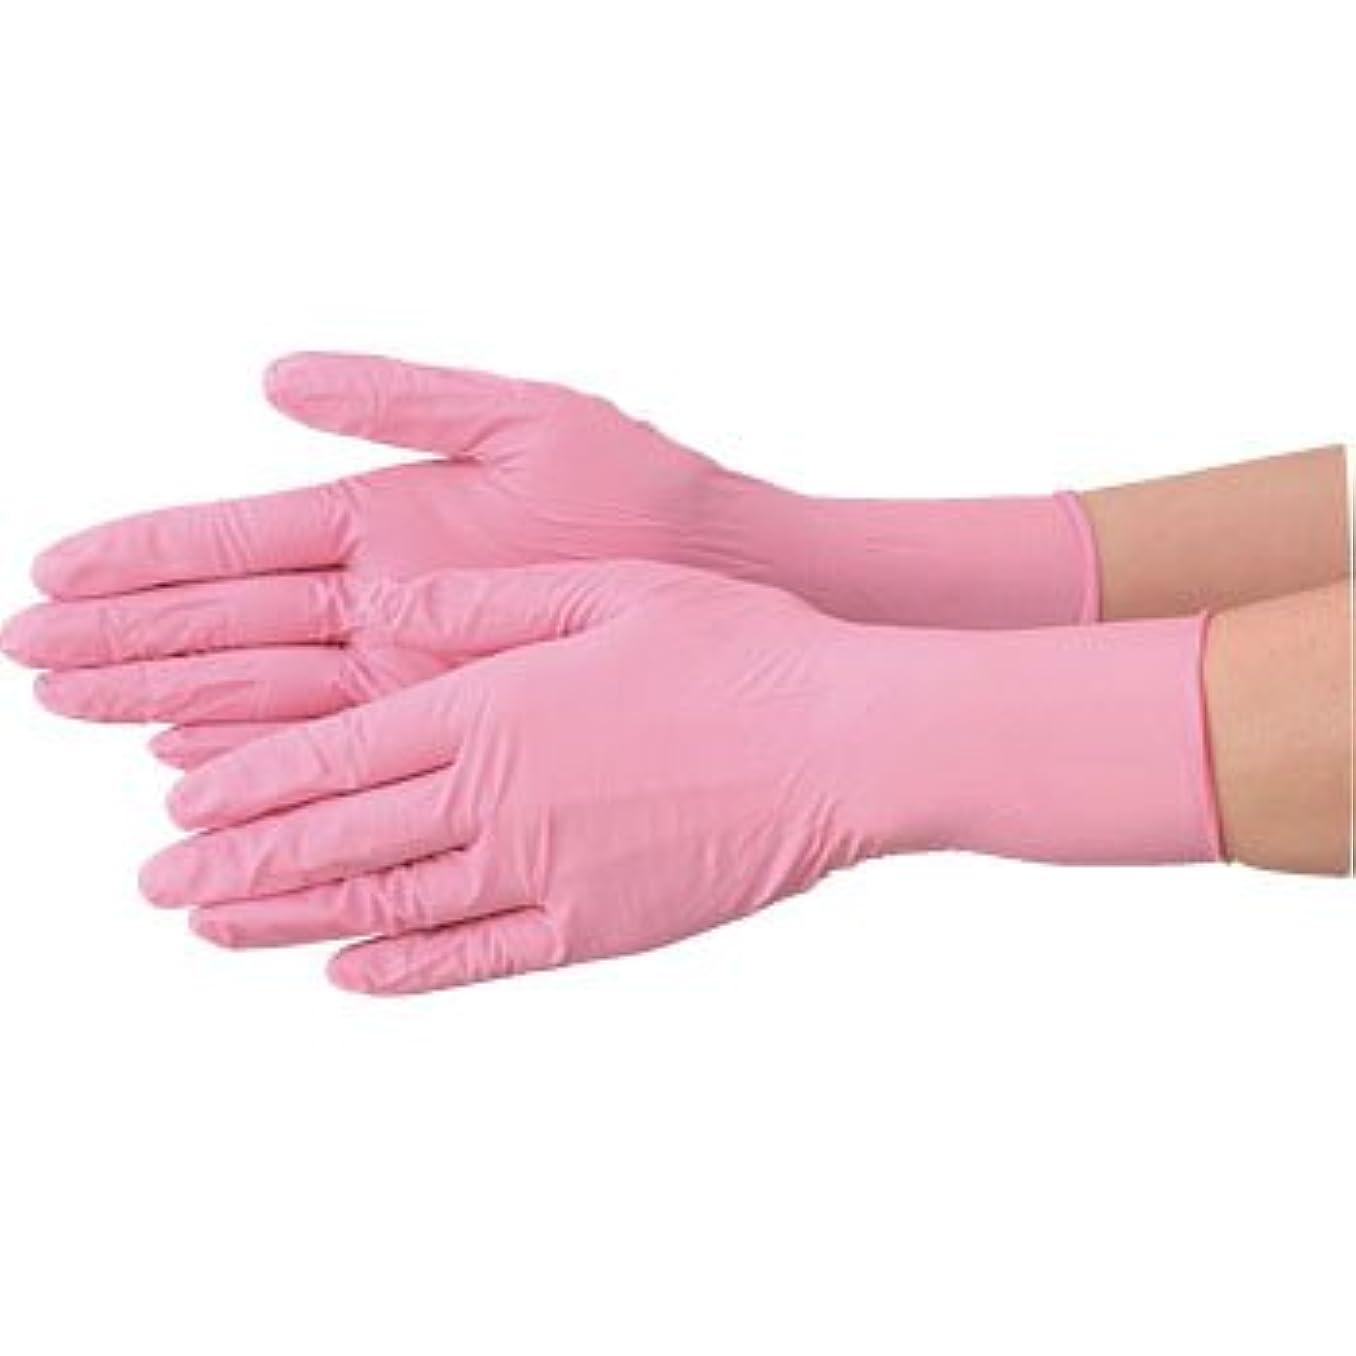 船酔い不適当カレンダー使い捨て 手袋 エブノ 570 ニトリル ピンク Sサイズ パウダーフリー 2ケース(100枚×60箱)